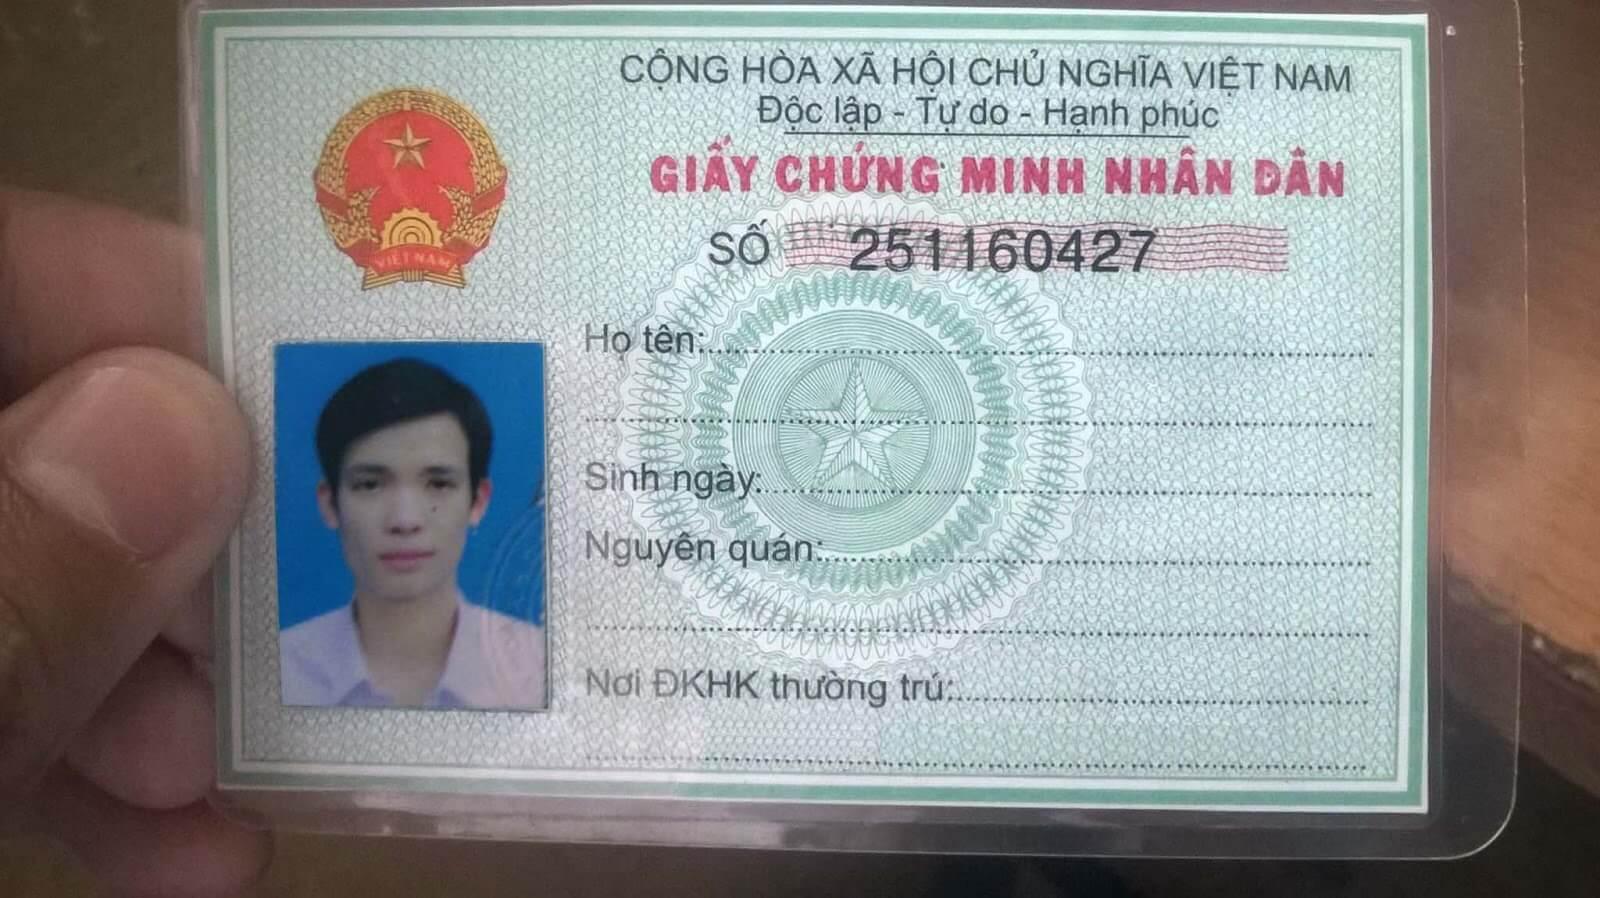 CMND là một loại giấy tờ tùy thân không thể thiếu của mọi công dân Việt Nam